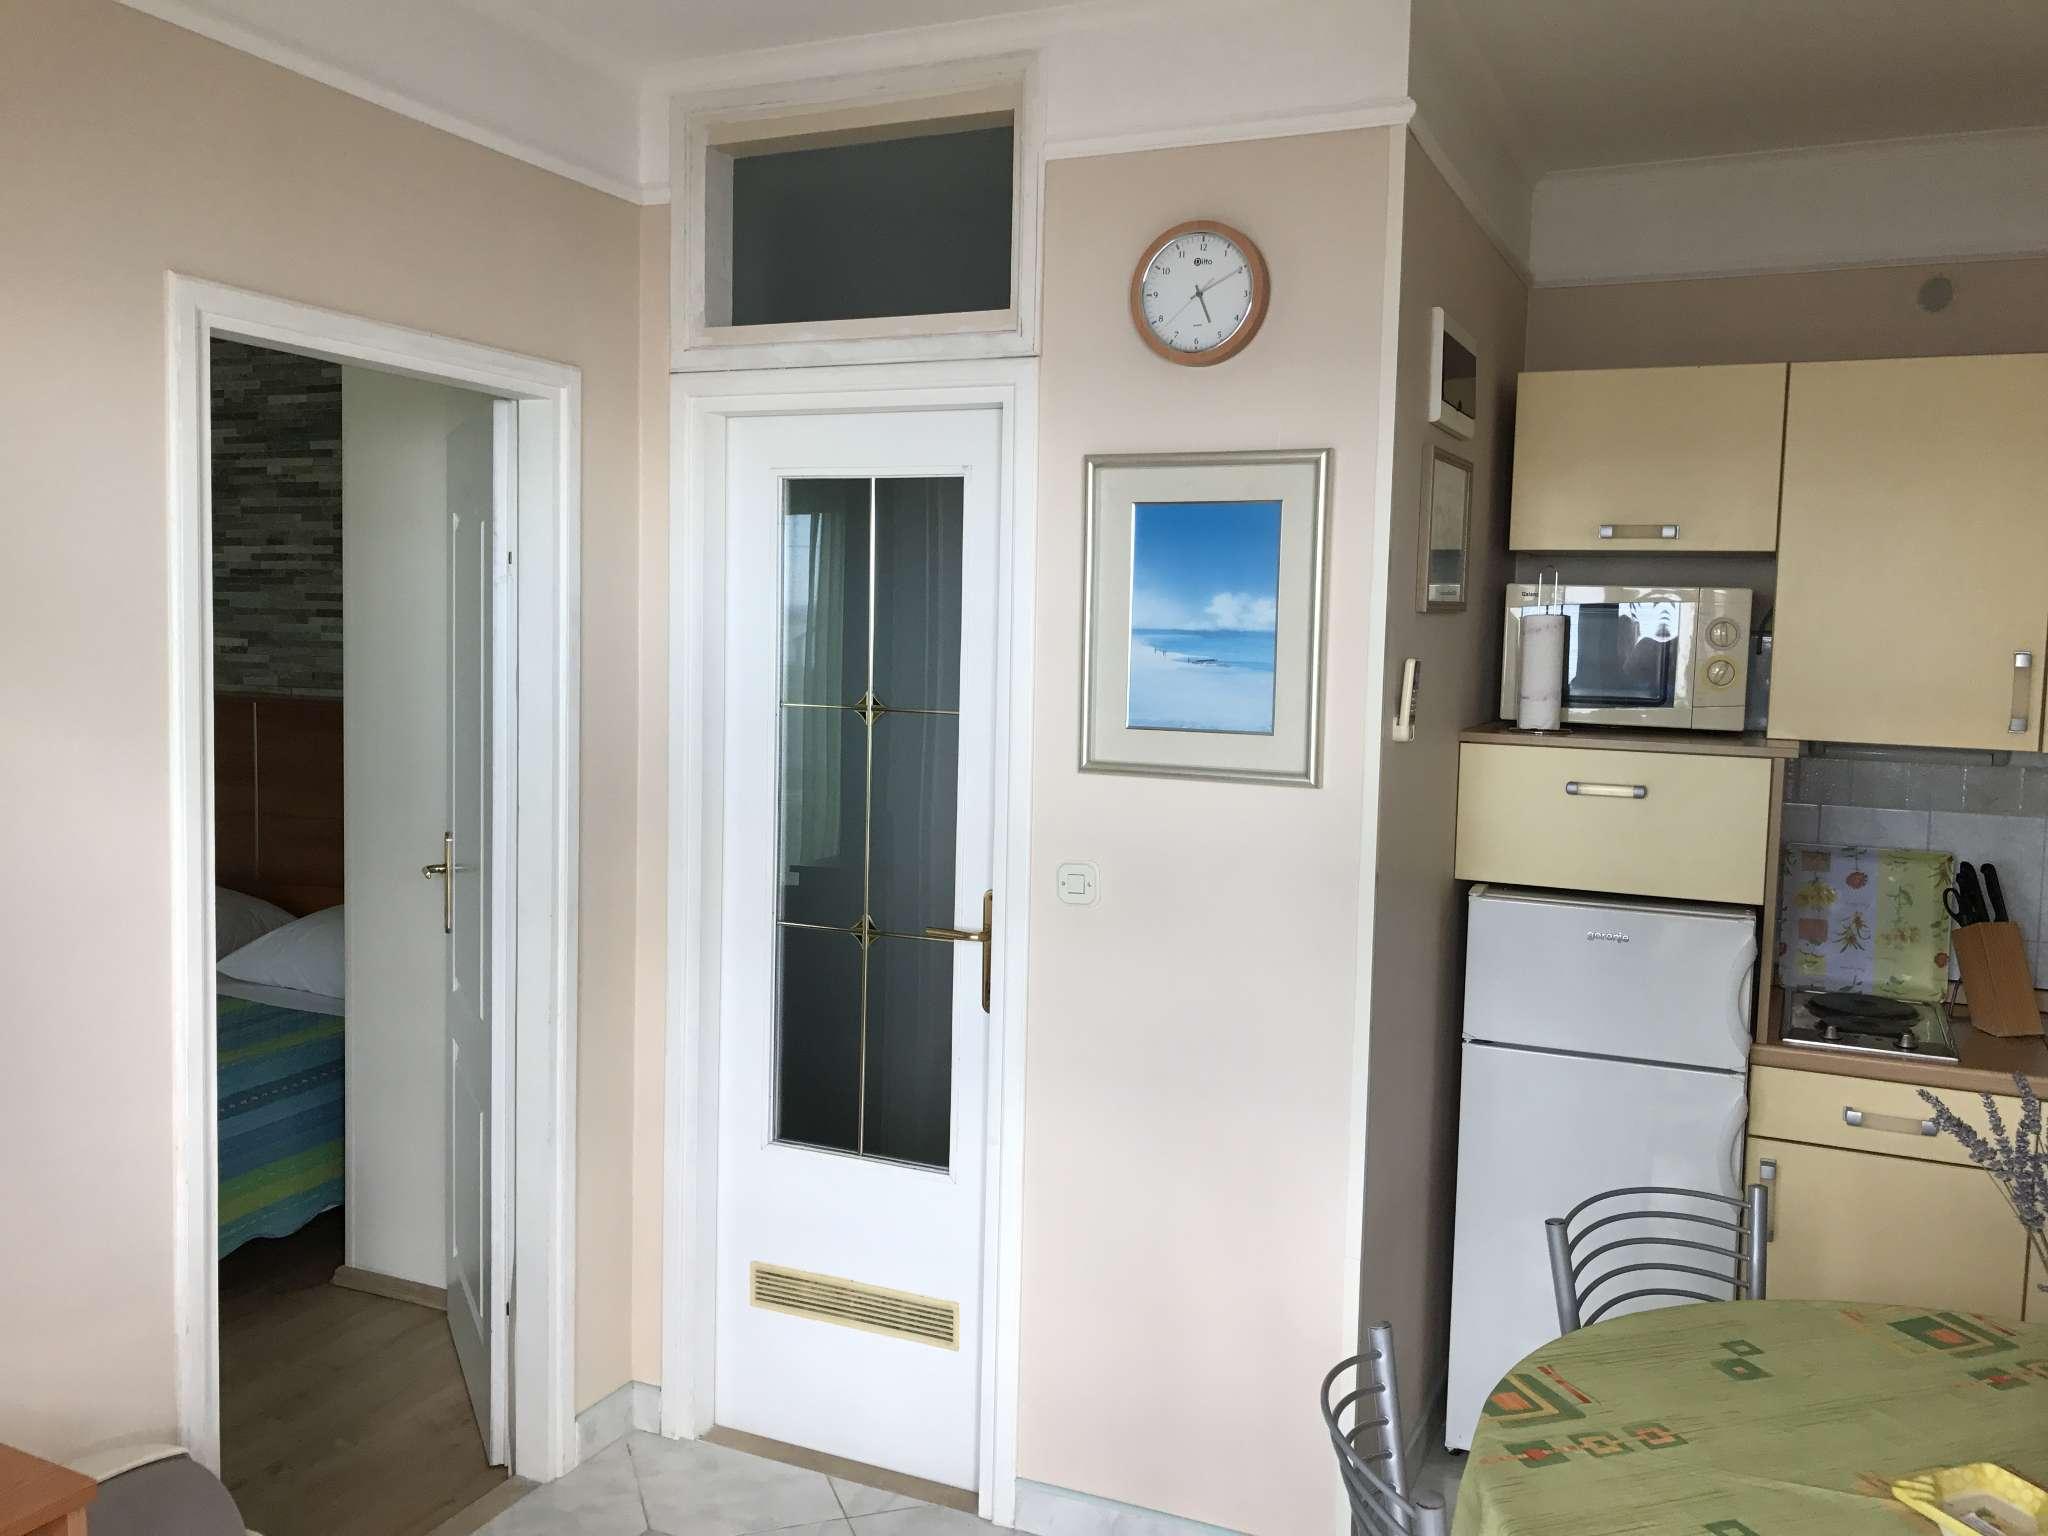 Zusatzbild Nr. 08 von Villa Valerija - Untere kleine Wohnung